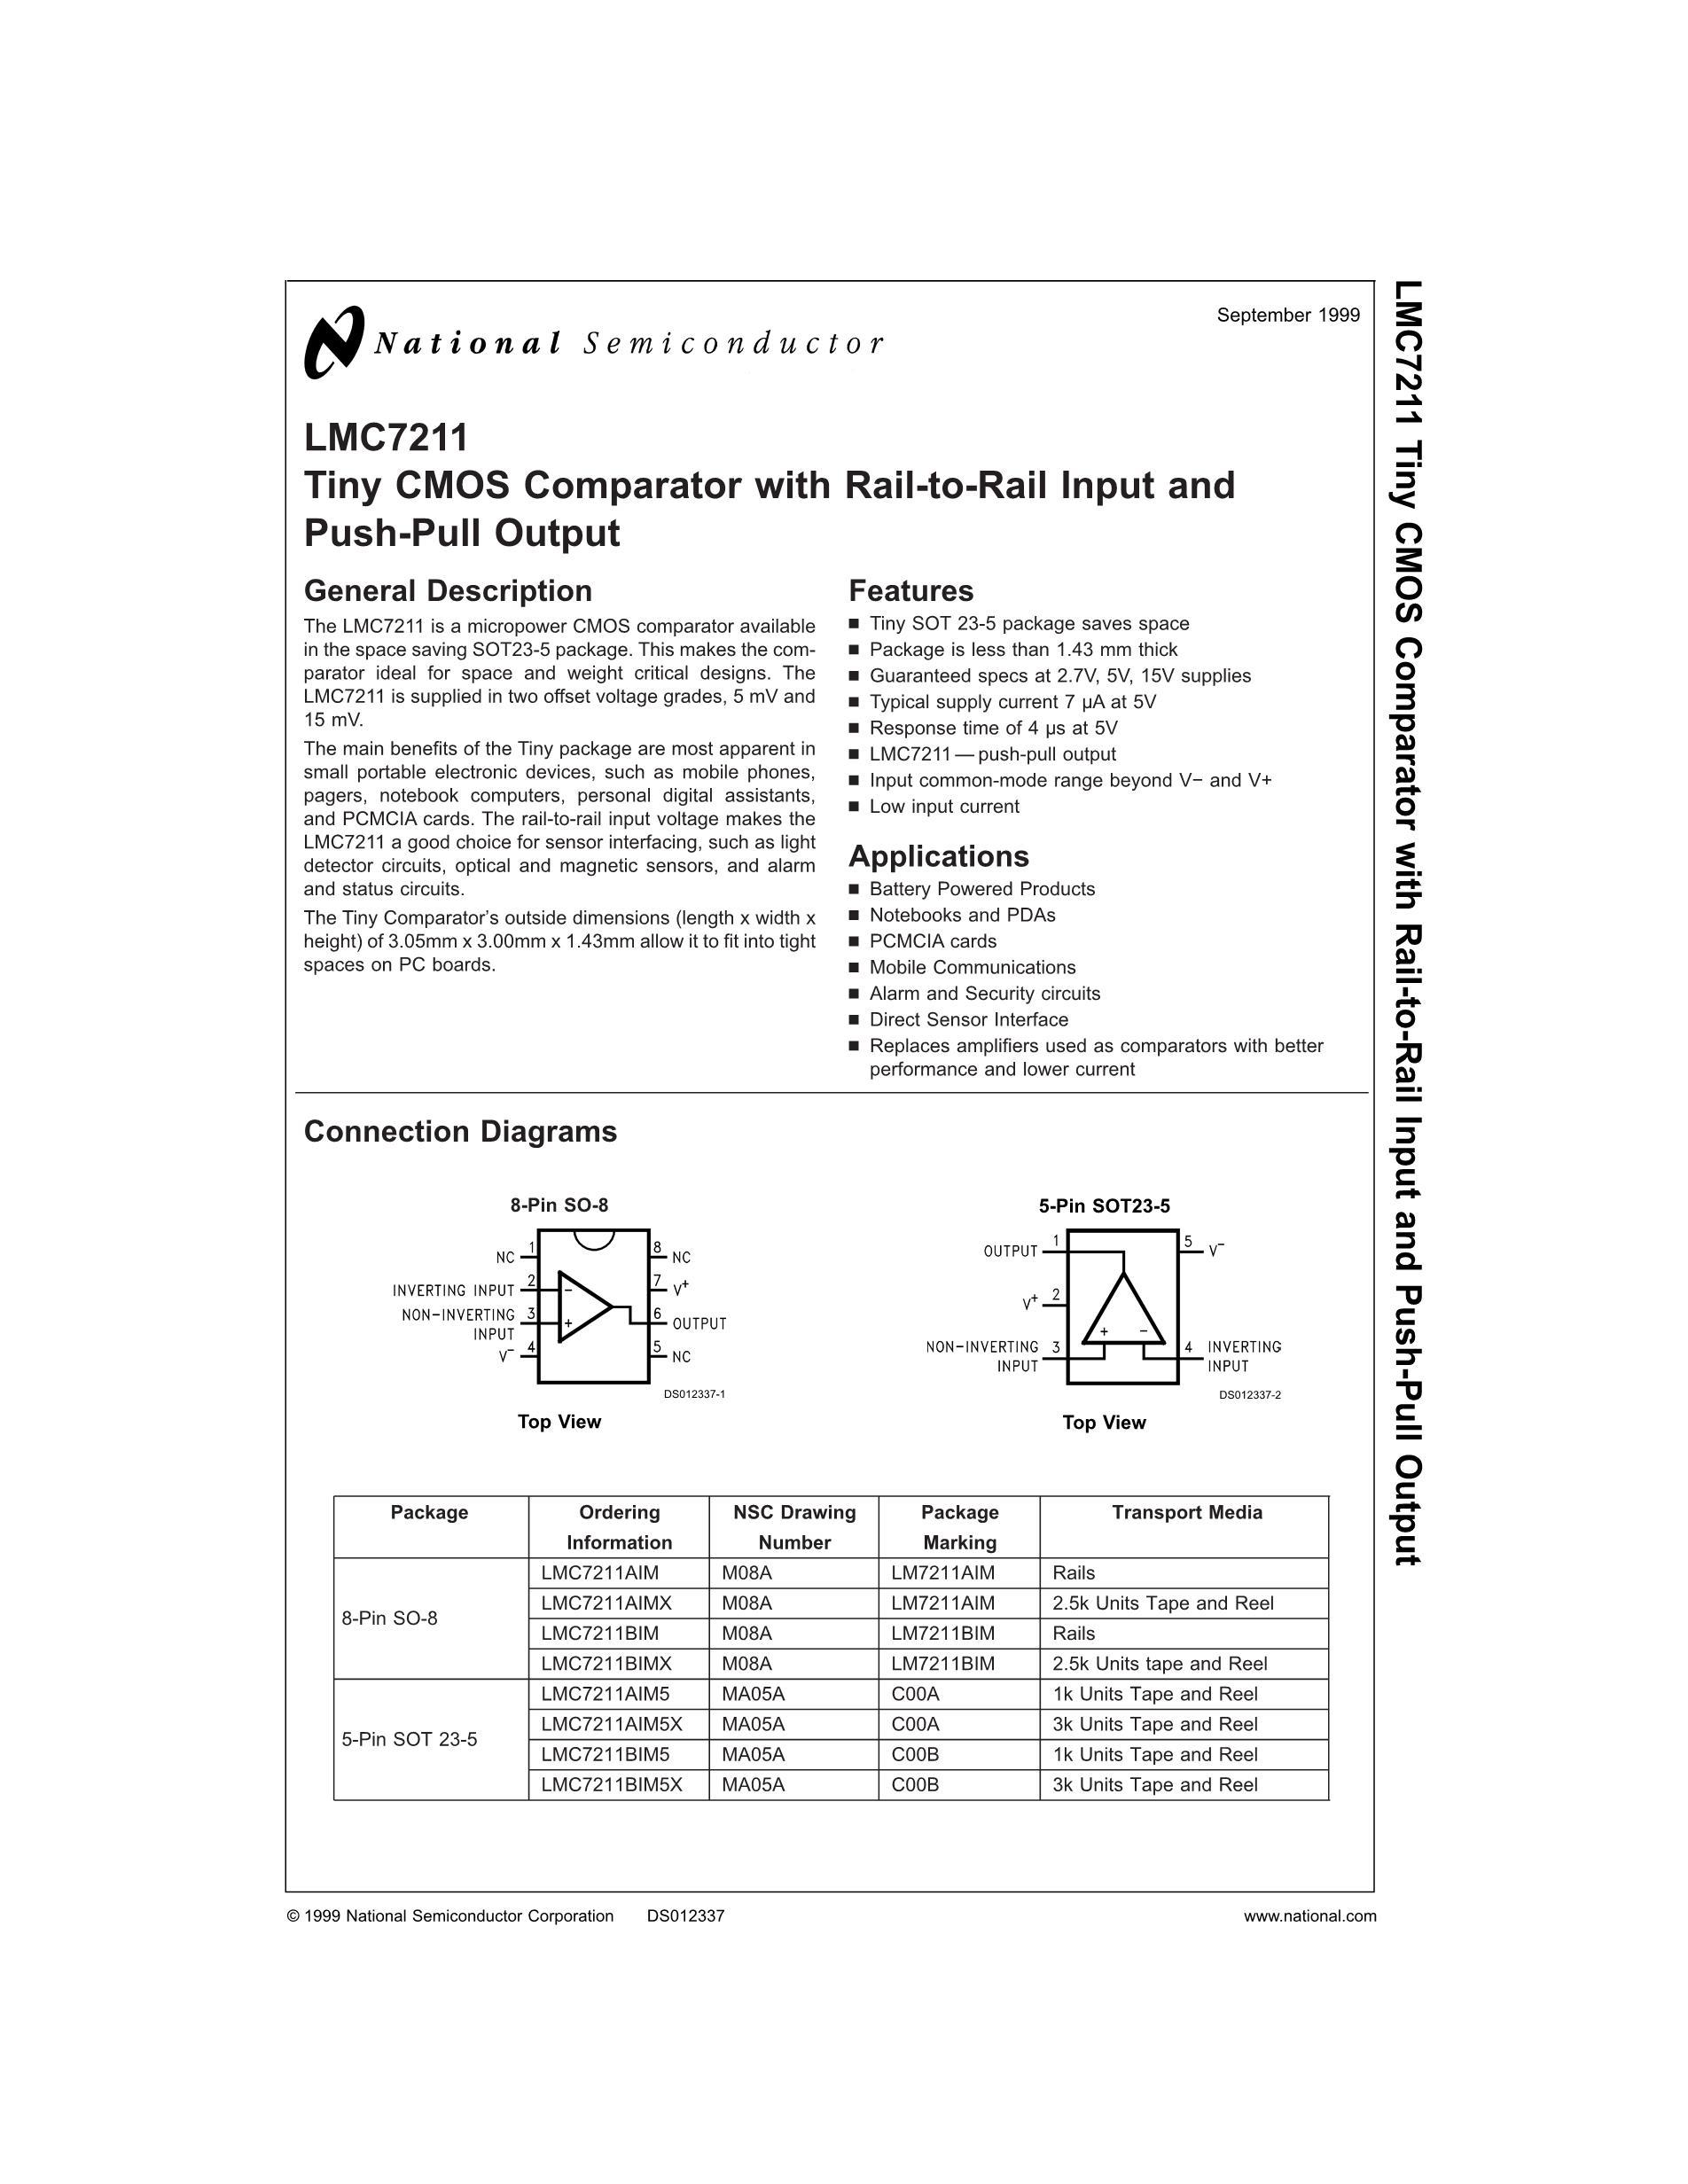 LMC7221BIMX/NOPB's pdf picture 1